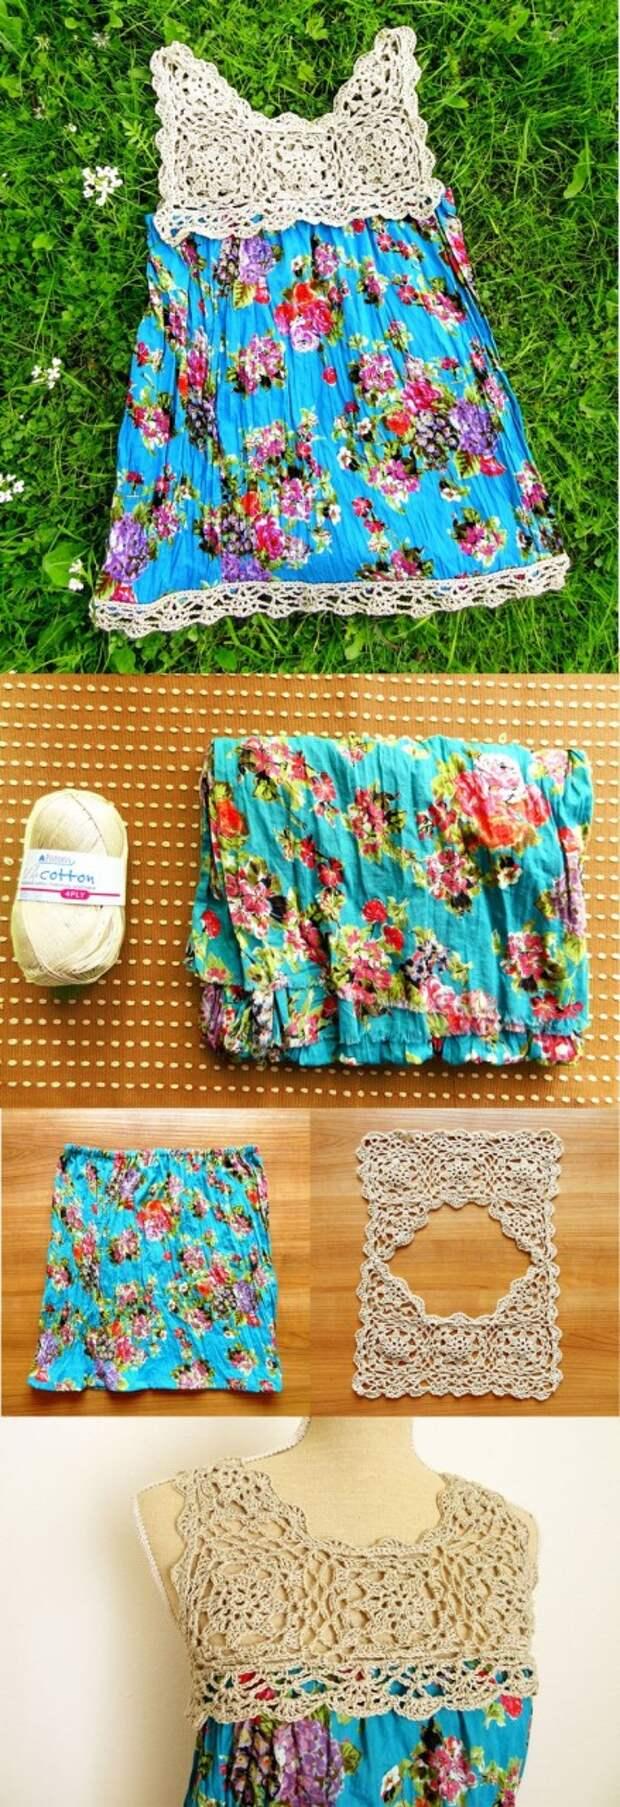 Идея для жаркого лета - детский сарафан с вязаной кокеткой